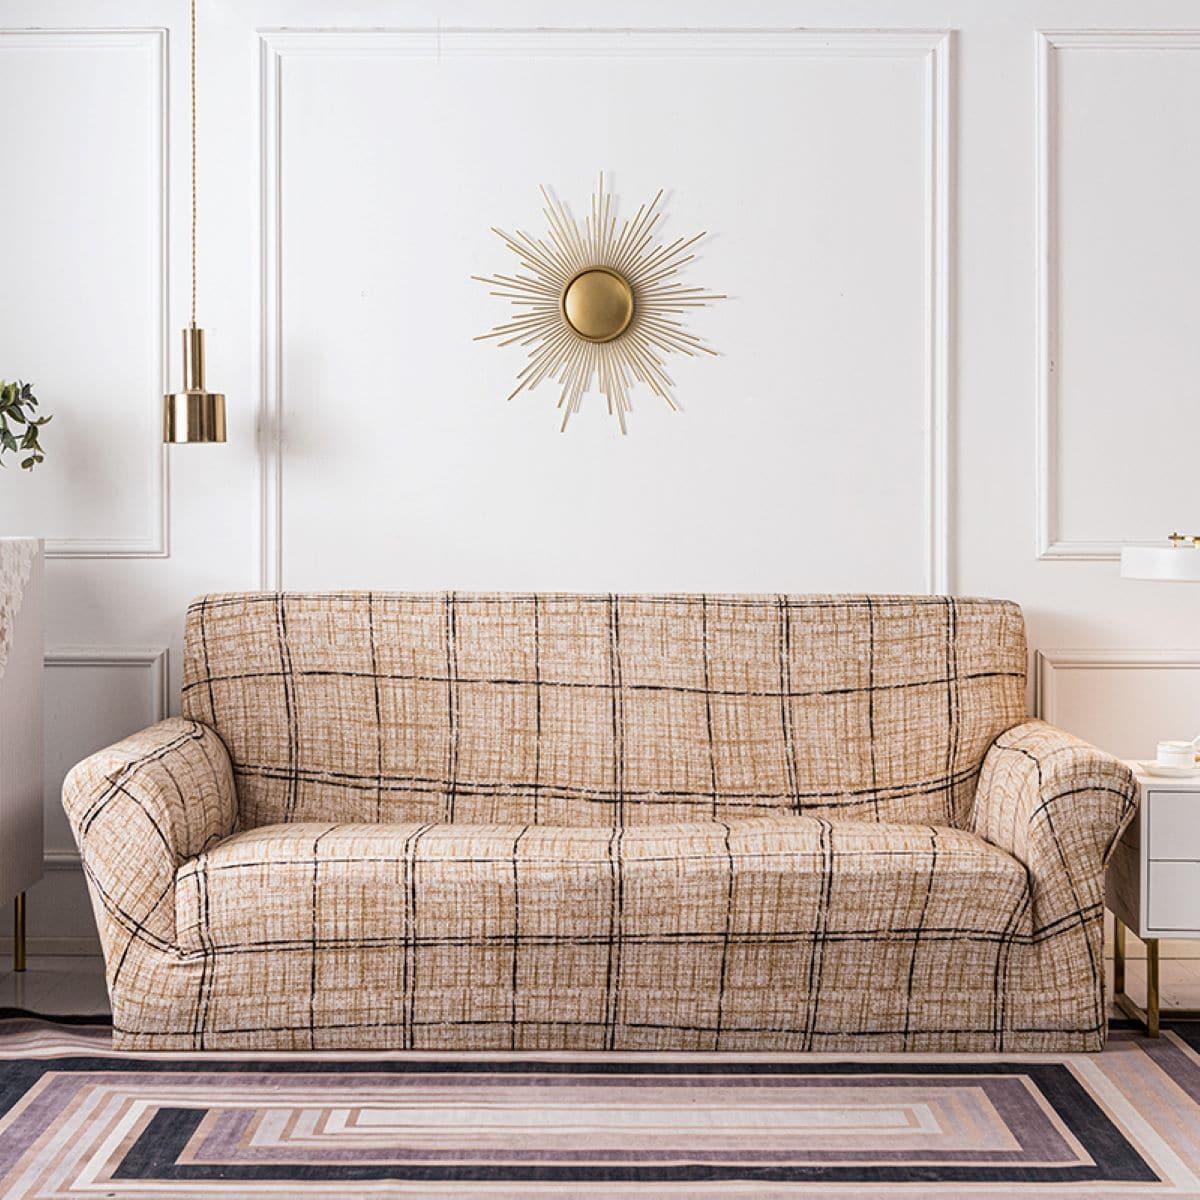 Эластичный чехол для дивана и 1шт чехол для подушки в клетку без наполнителя